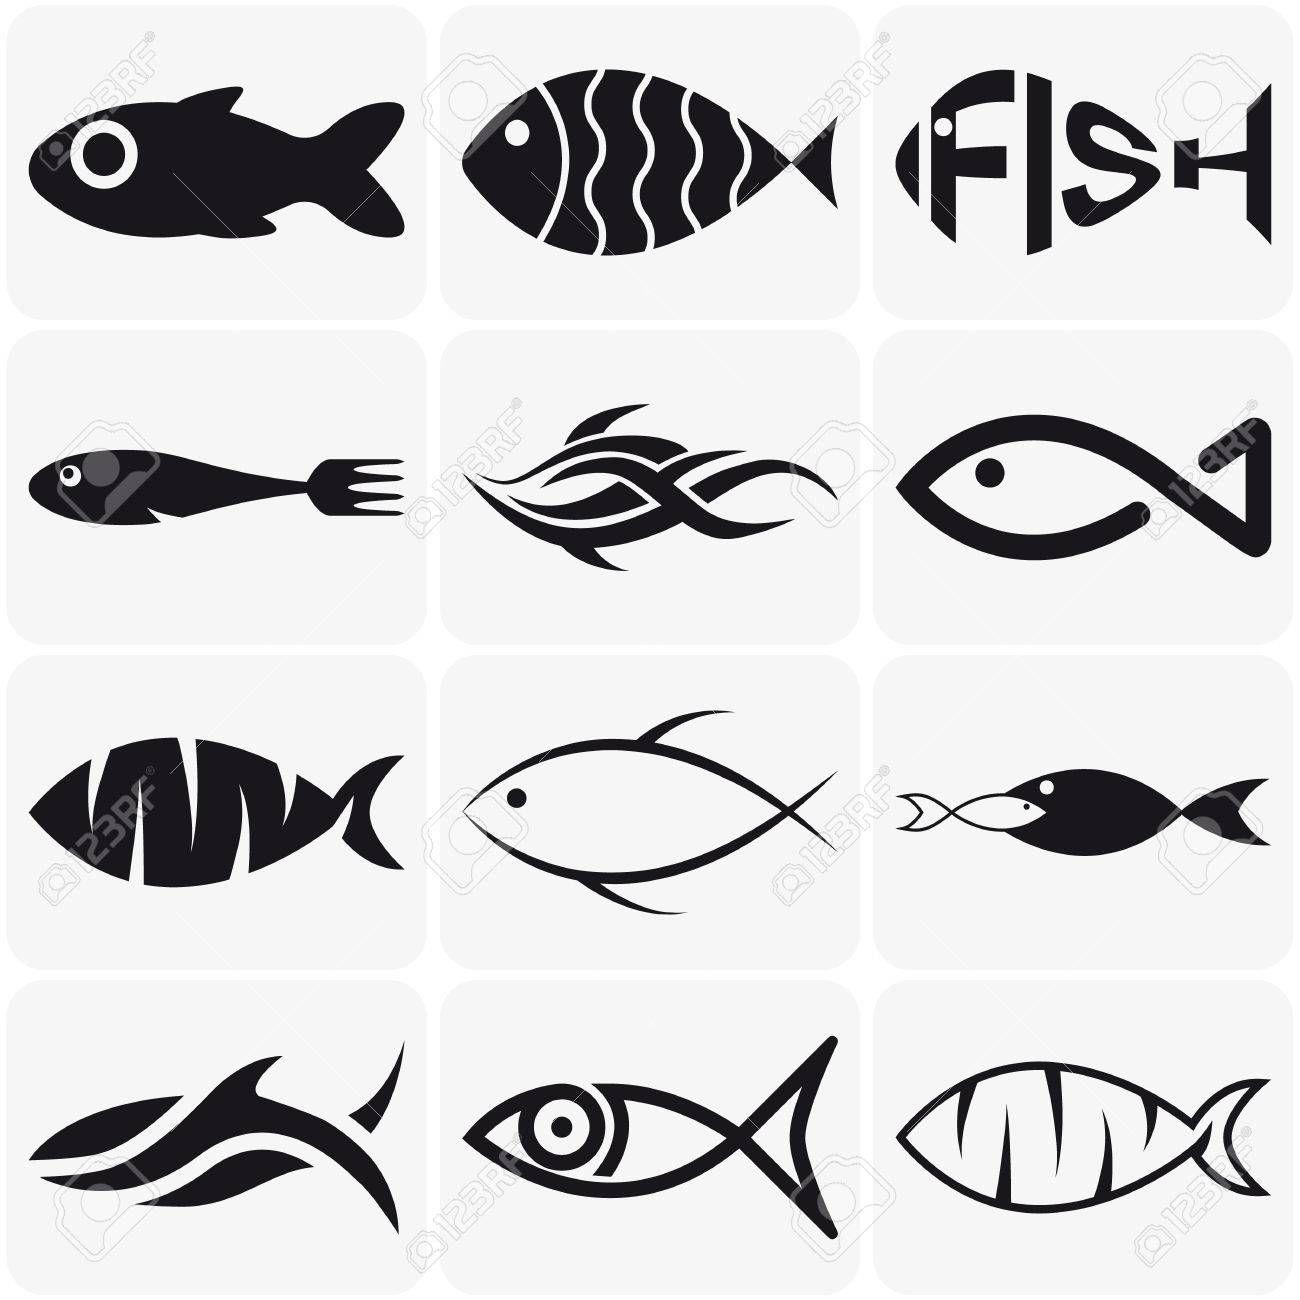 Stock Photo en 2020 Dibujo pescado, Logotipo de peces y